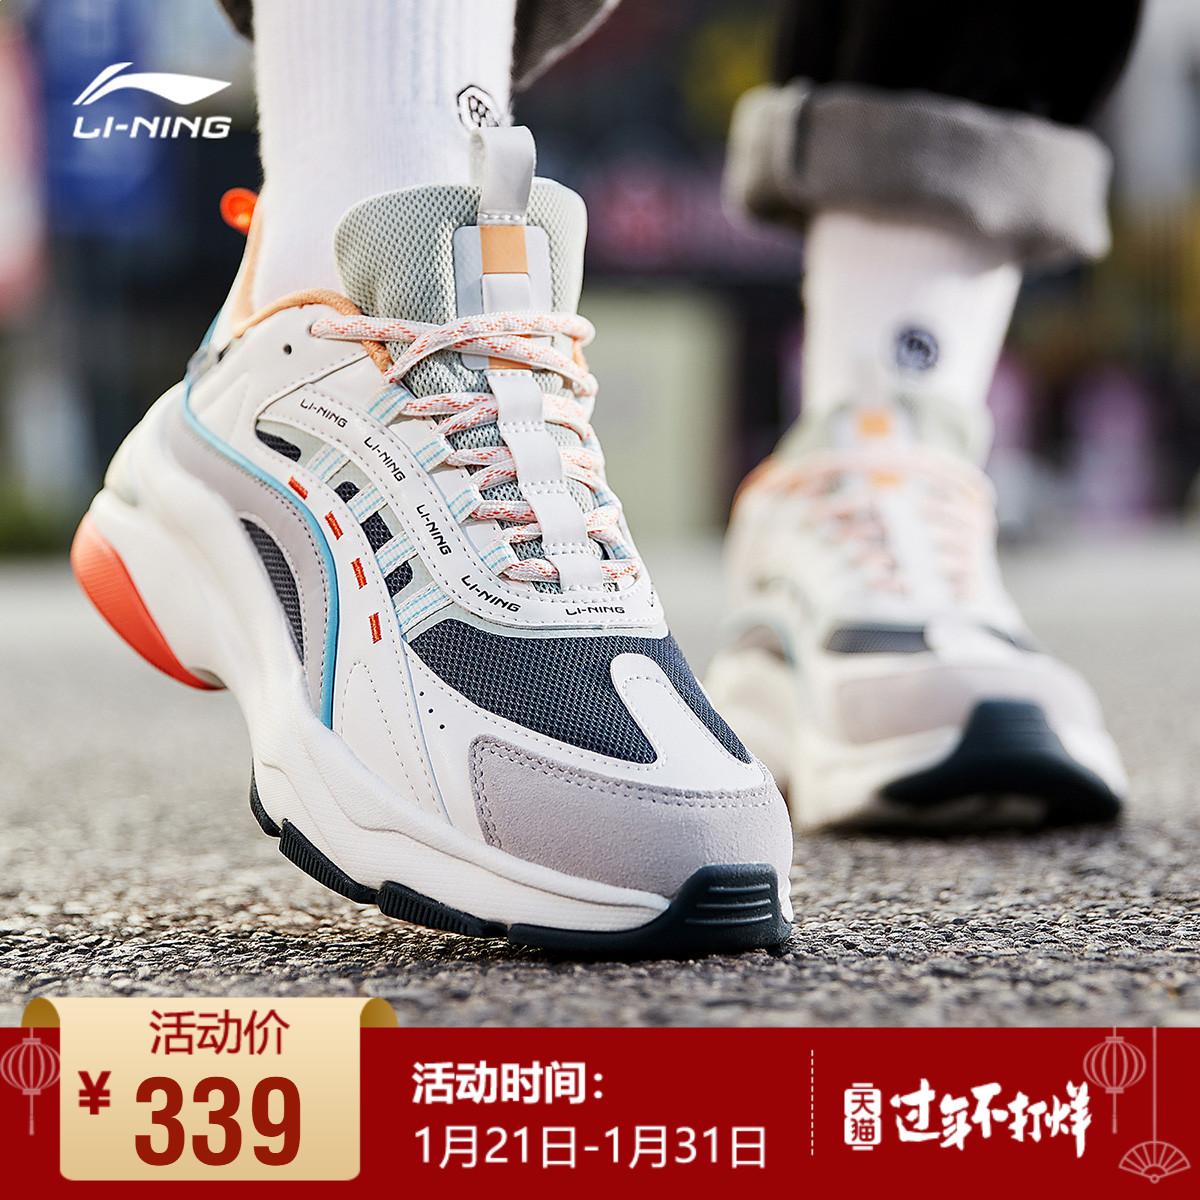 李宁休闲鞋女鞋2020新款春季女士白色学生时尚潮流低帮运动鞋